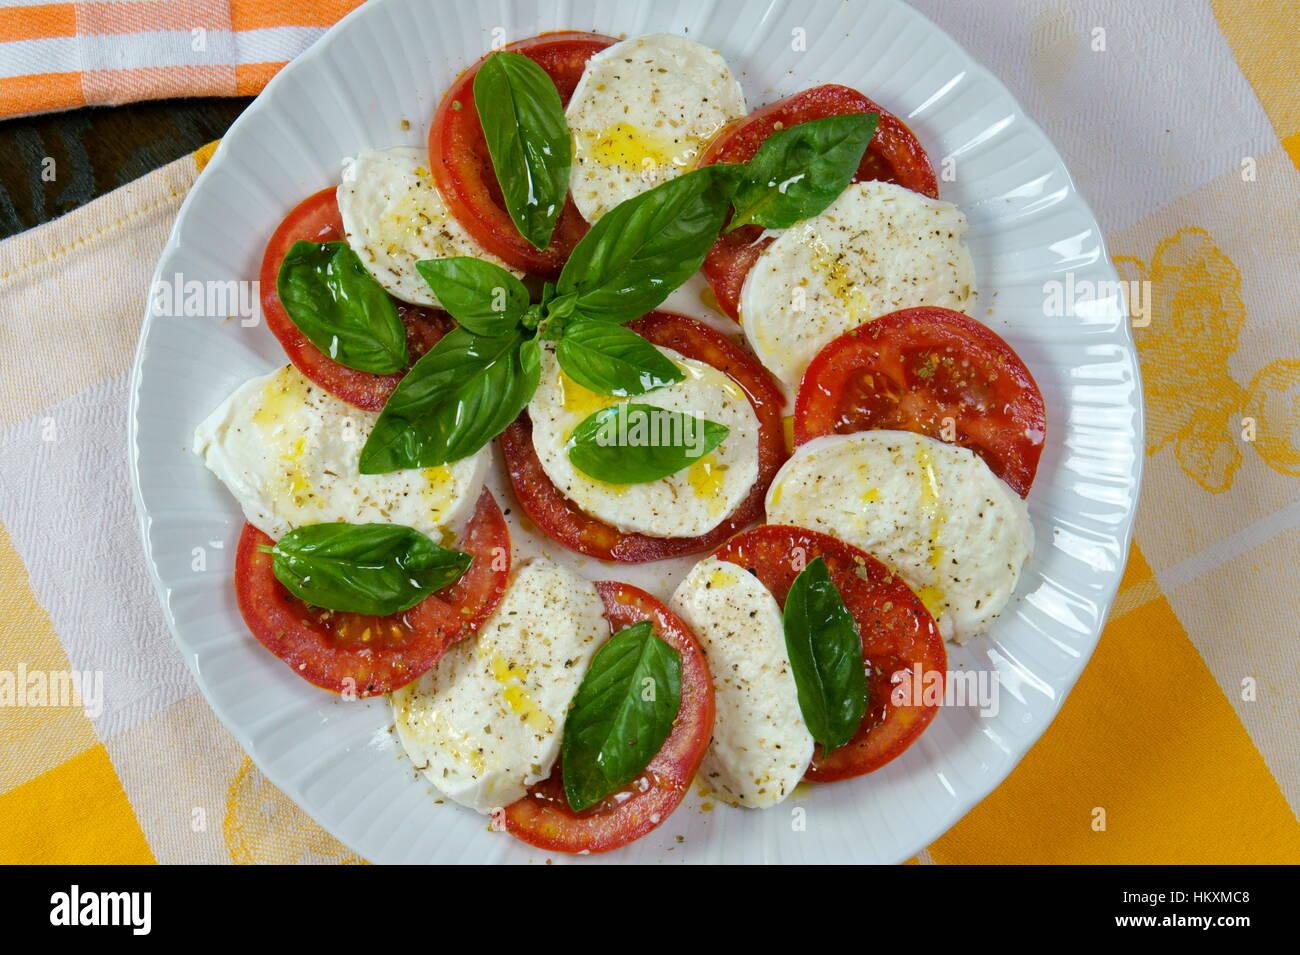 Pomodoro e mozzarella di bufala Caprese sulla colorata biancheria per la cucina - Preparato ricetta italiana servita Immagini Stock